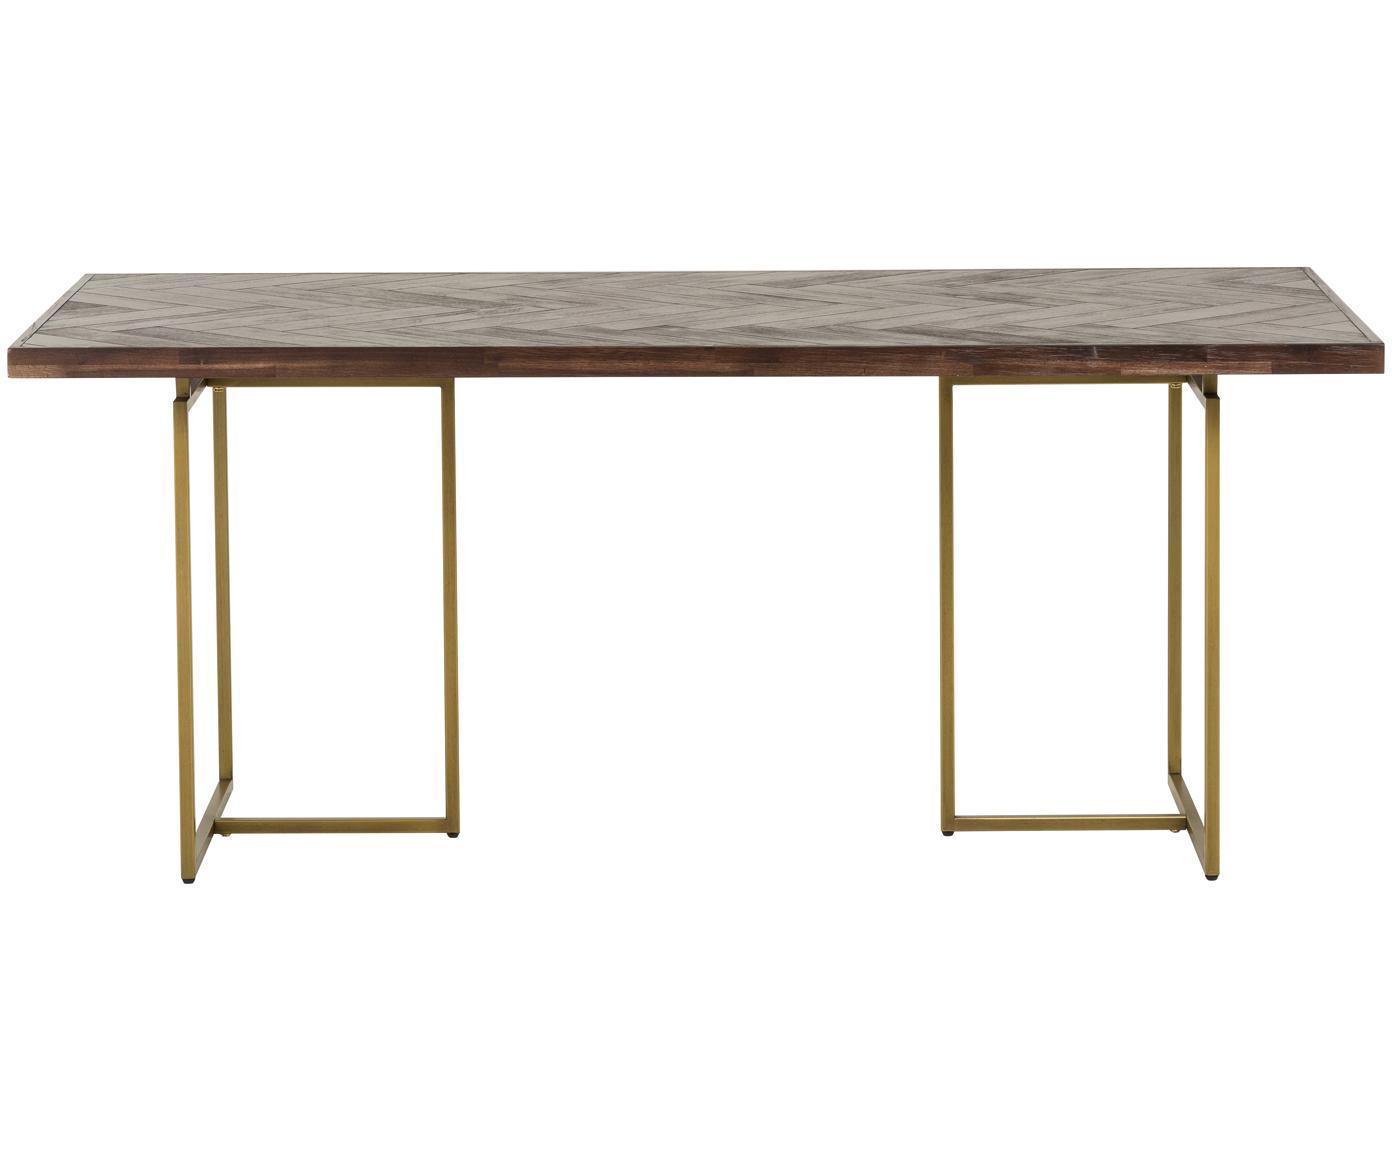 Stół do jadalni w jodełkę Class, Nogi: metal malowany proszkowo, Brązowy, S 220 x G 90 cm